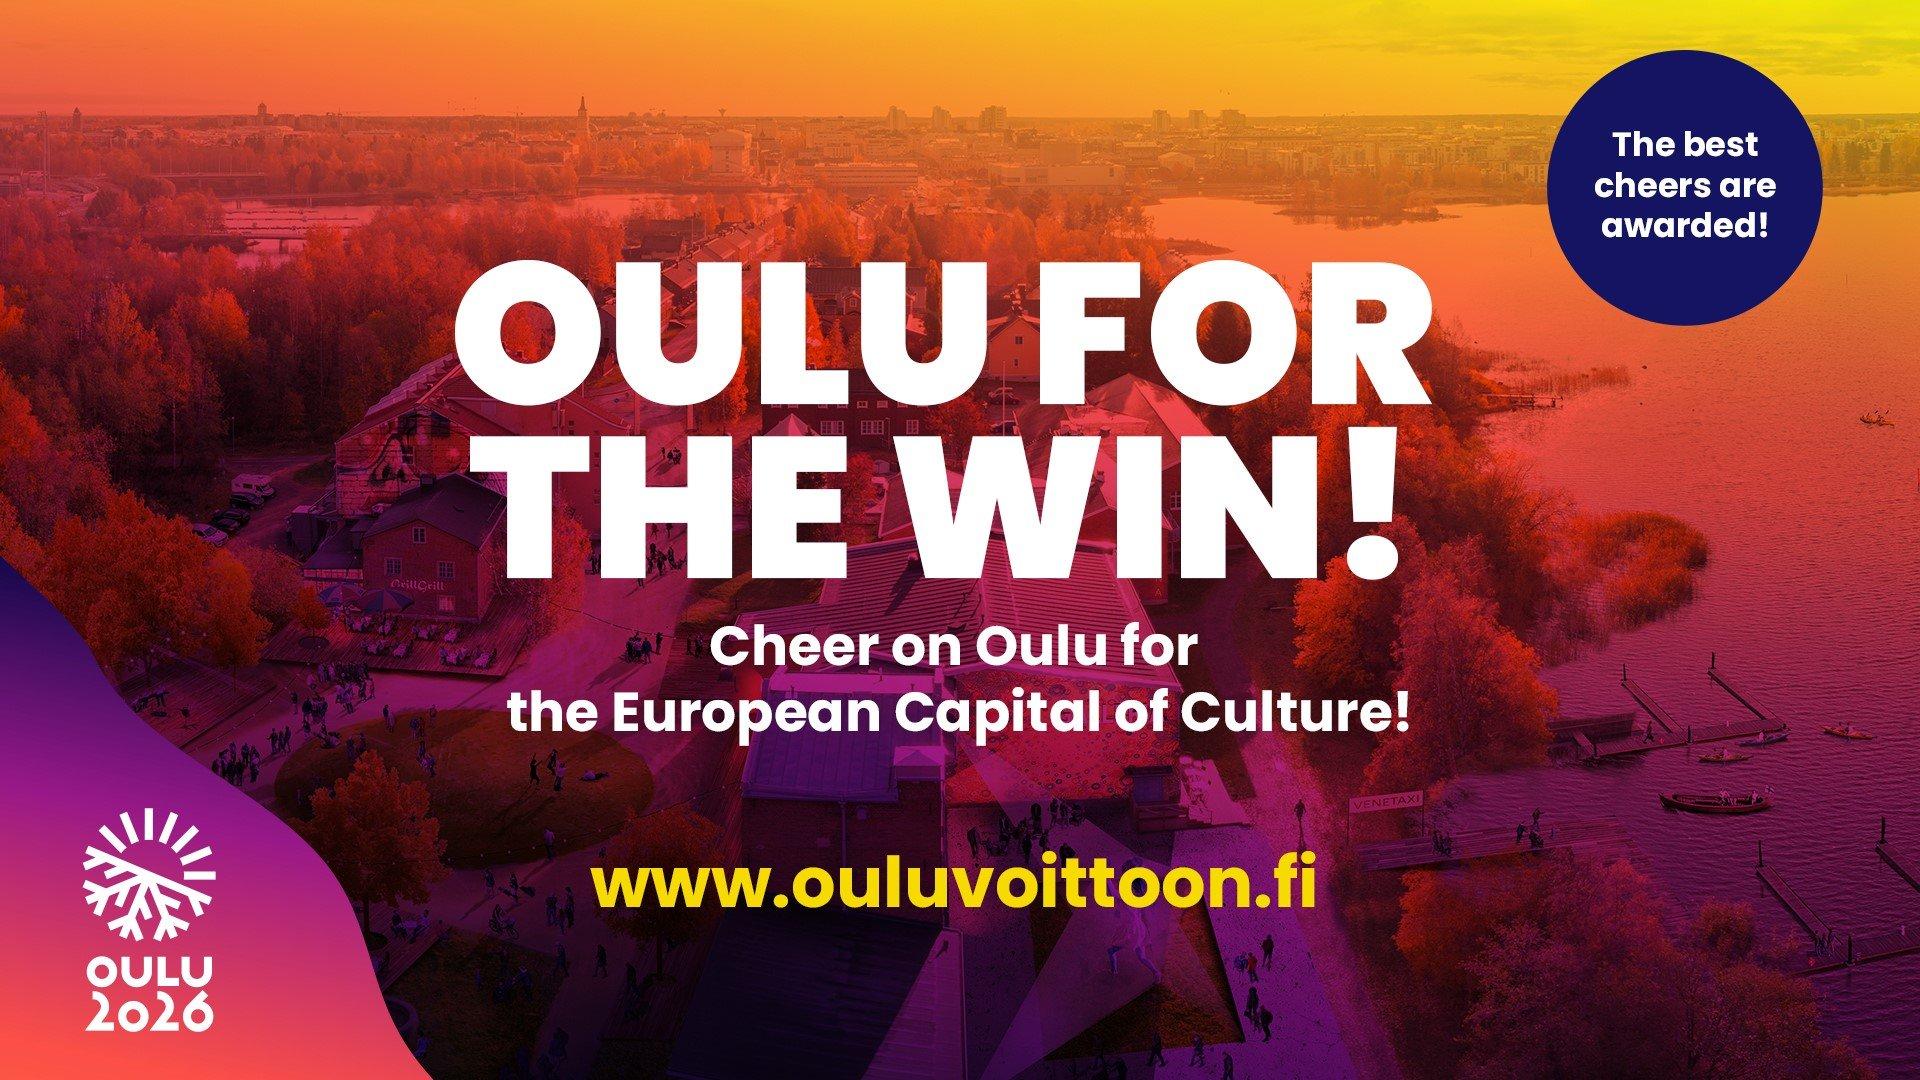 Oulu voittoon